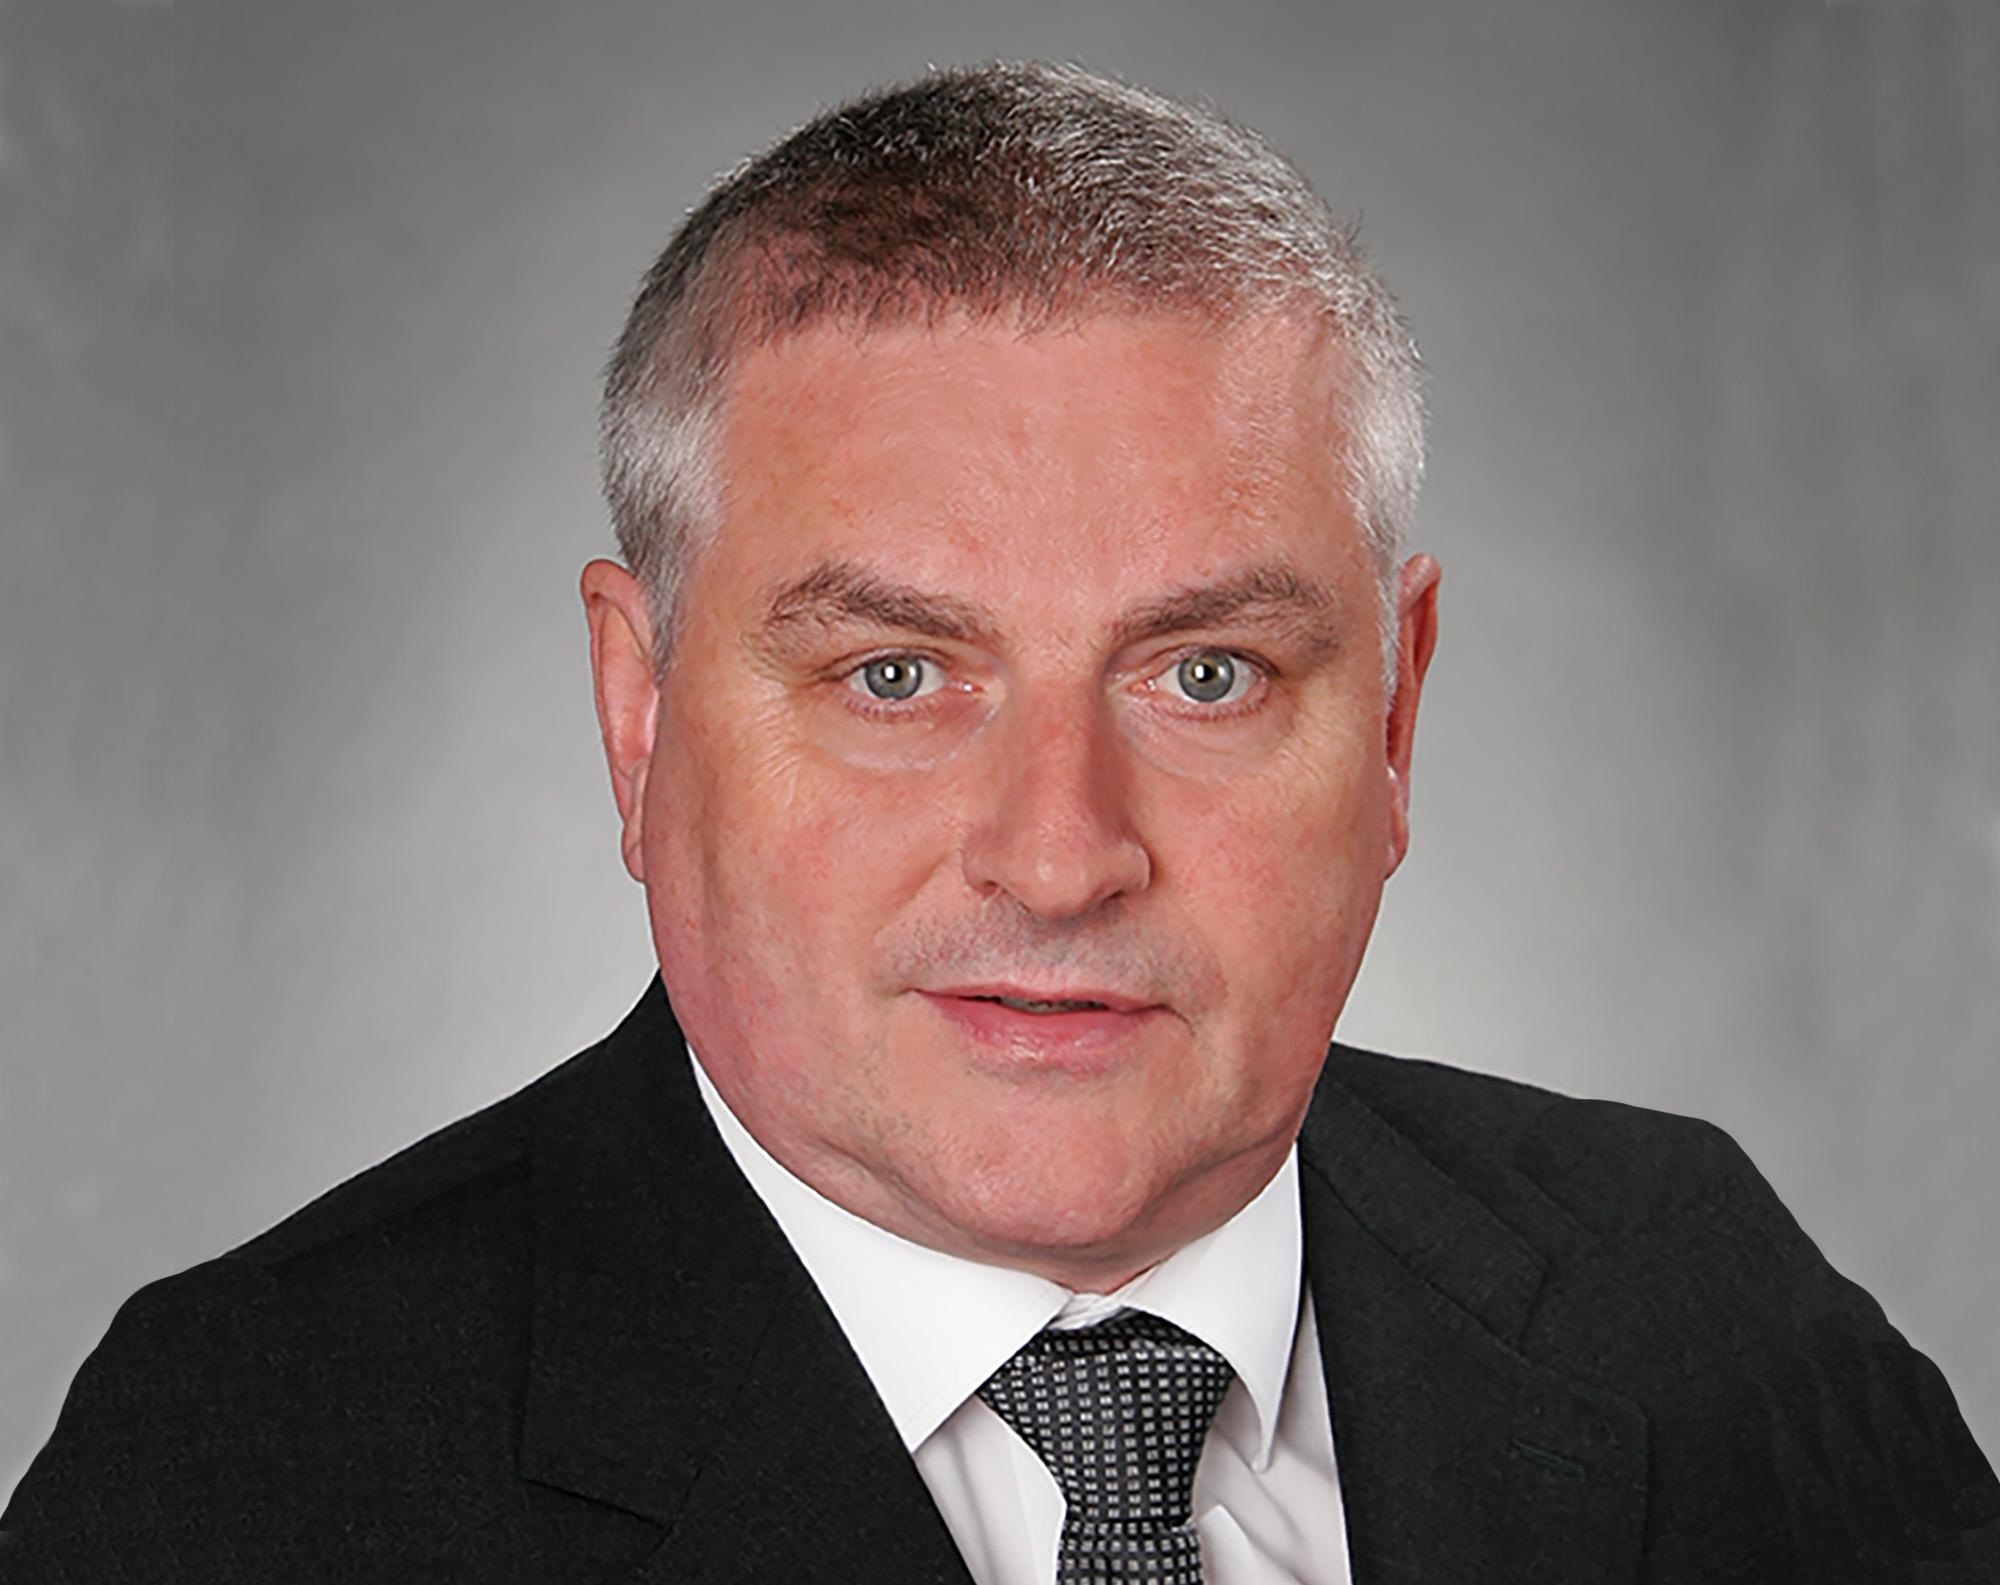 Portrait von Dr. J. Nelles. Er trägt ein weißes Hemd, eine dunkle 'KRawatte und ein dunkles Sakko. Er siehtr freundlich in die Kamera